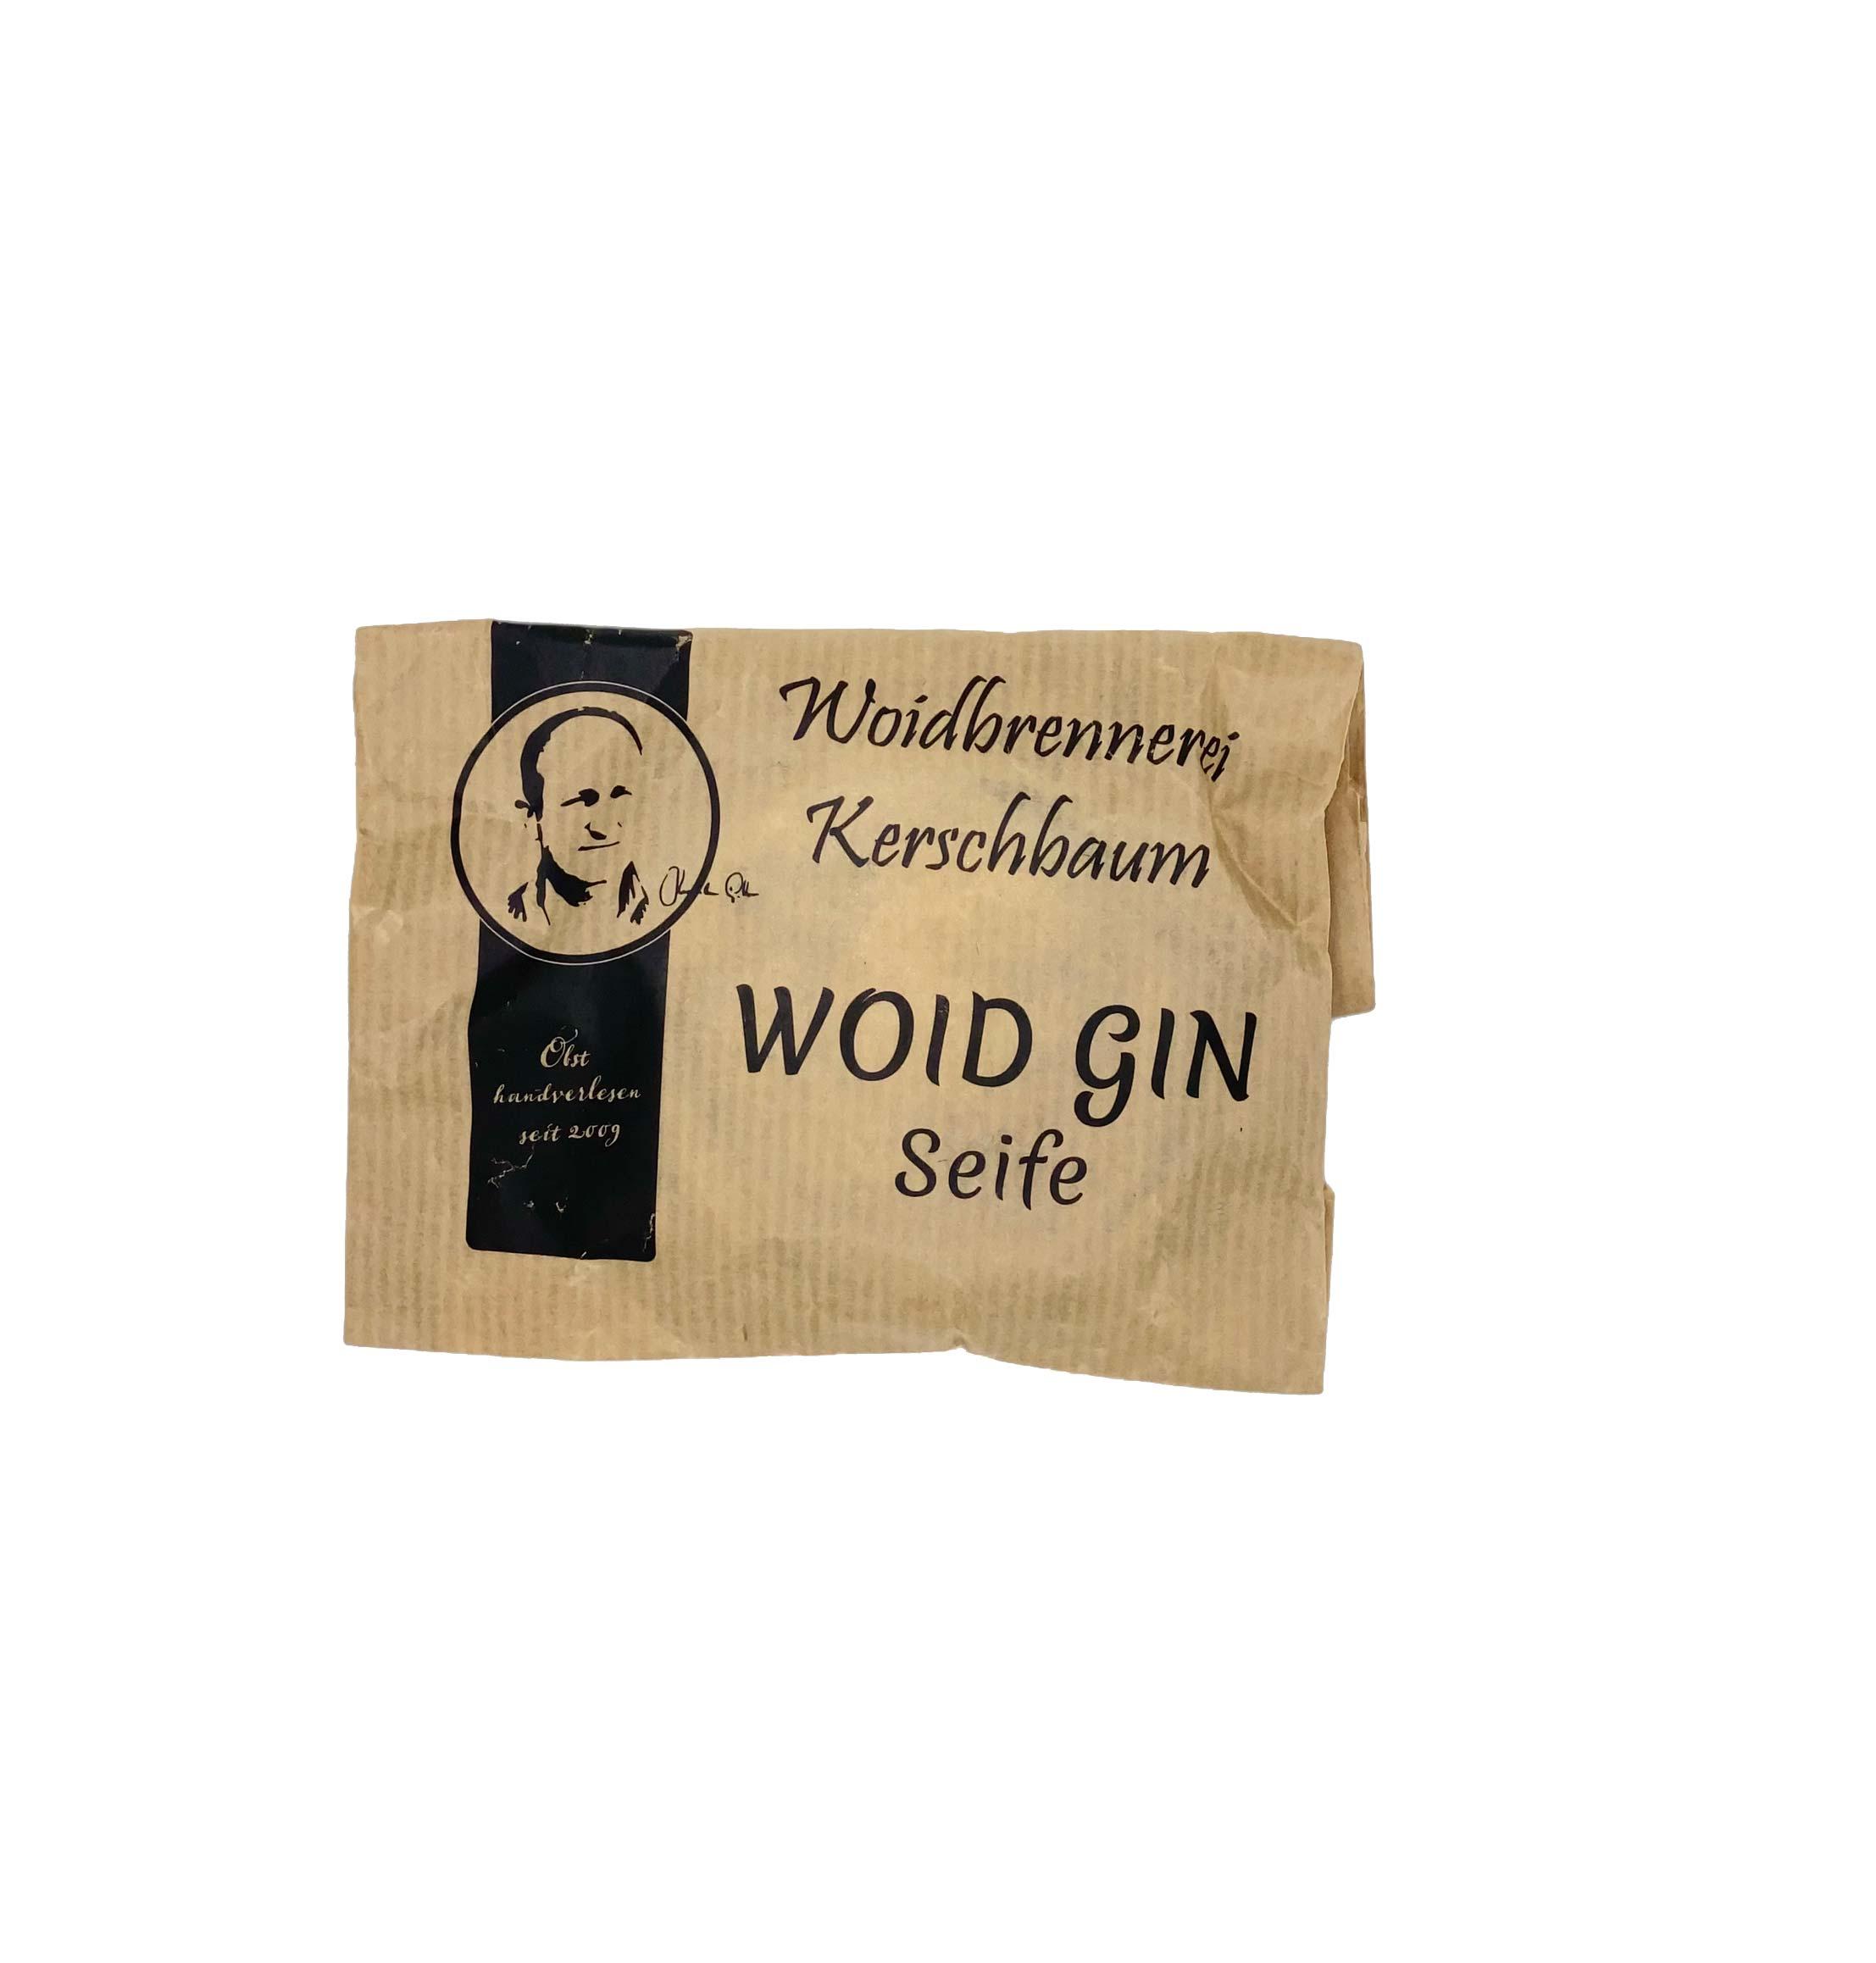 Woidsiederei Woid-Gin Seife